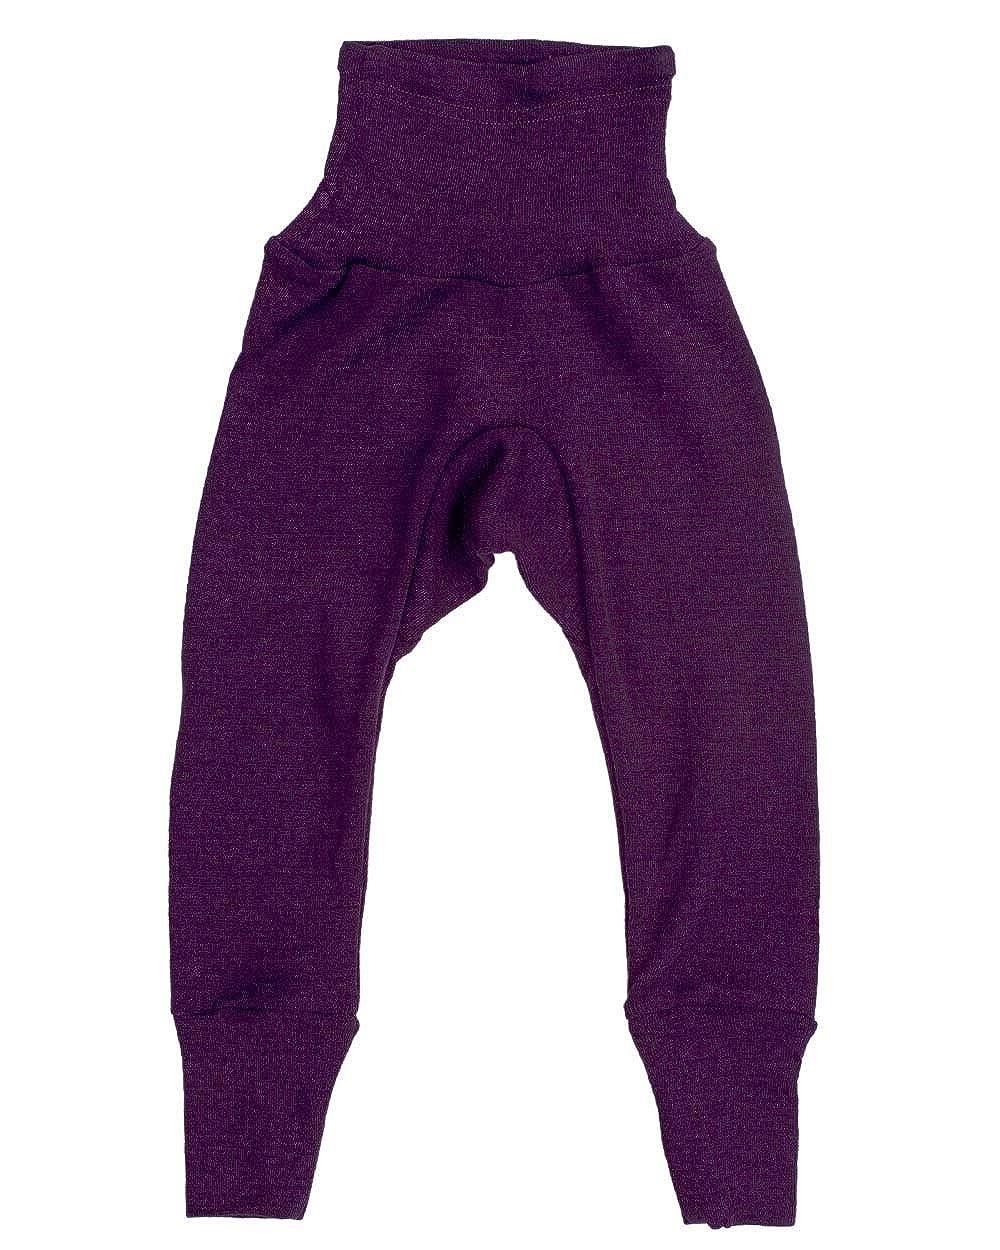 Cosilana Baby Hose lang mit Bund aus 70/% Wolle und 30/% Seide kbT